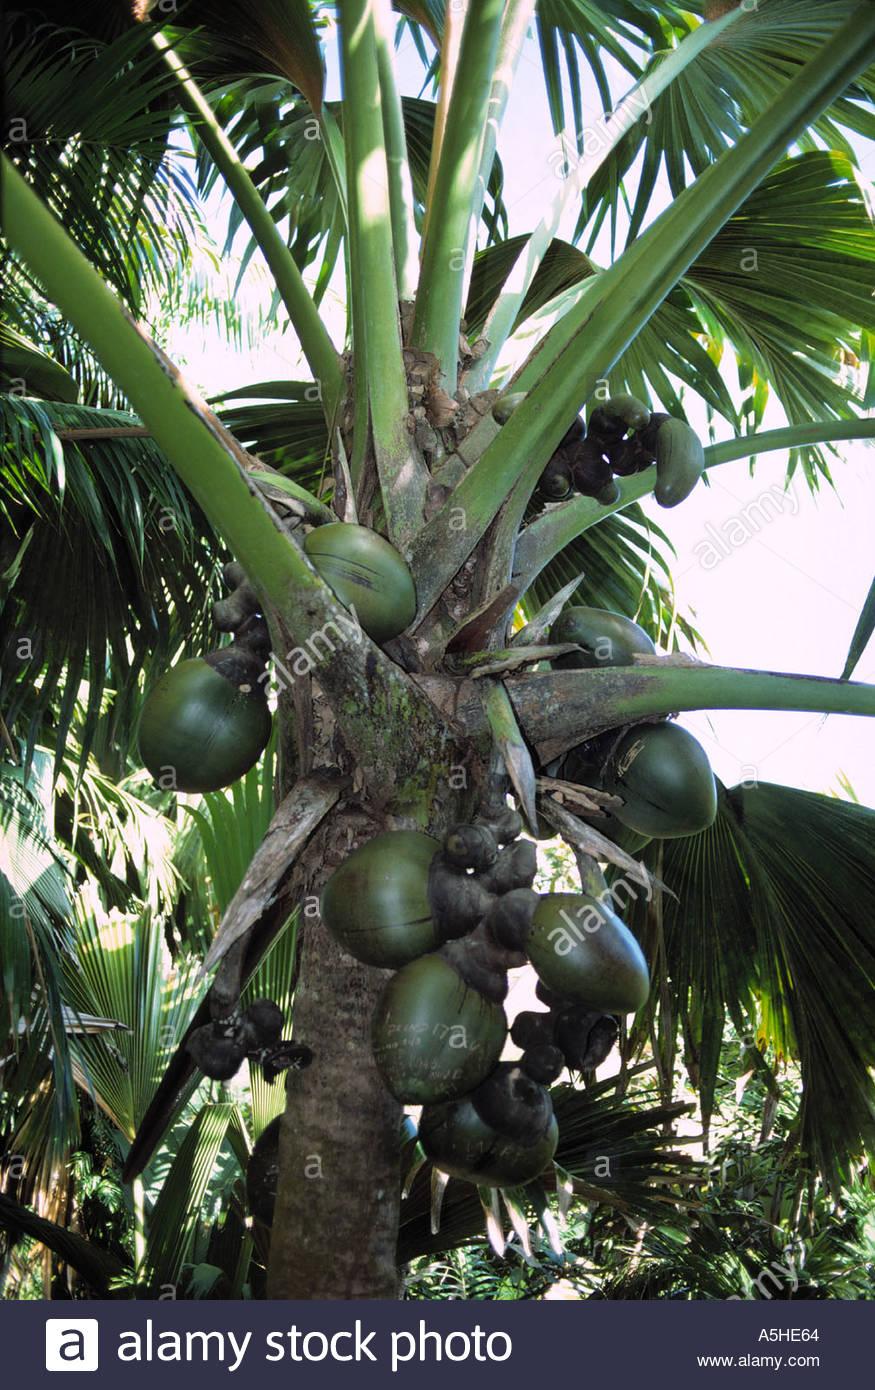 Coco de Mer Lodoicea Maldivica Forstwirtschaft von Praslin Nationalpark Praslin Insel Seychellen Stockbild